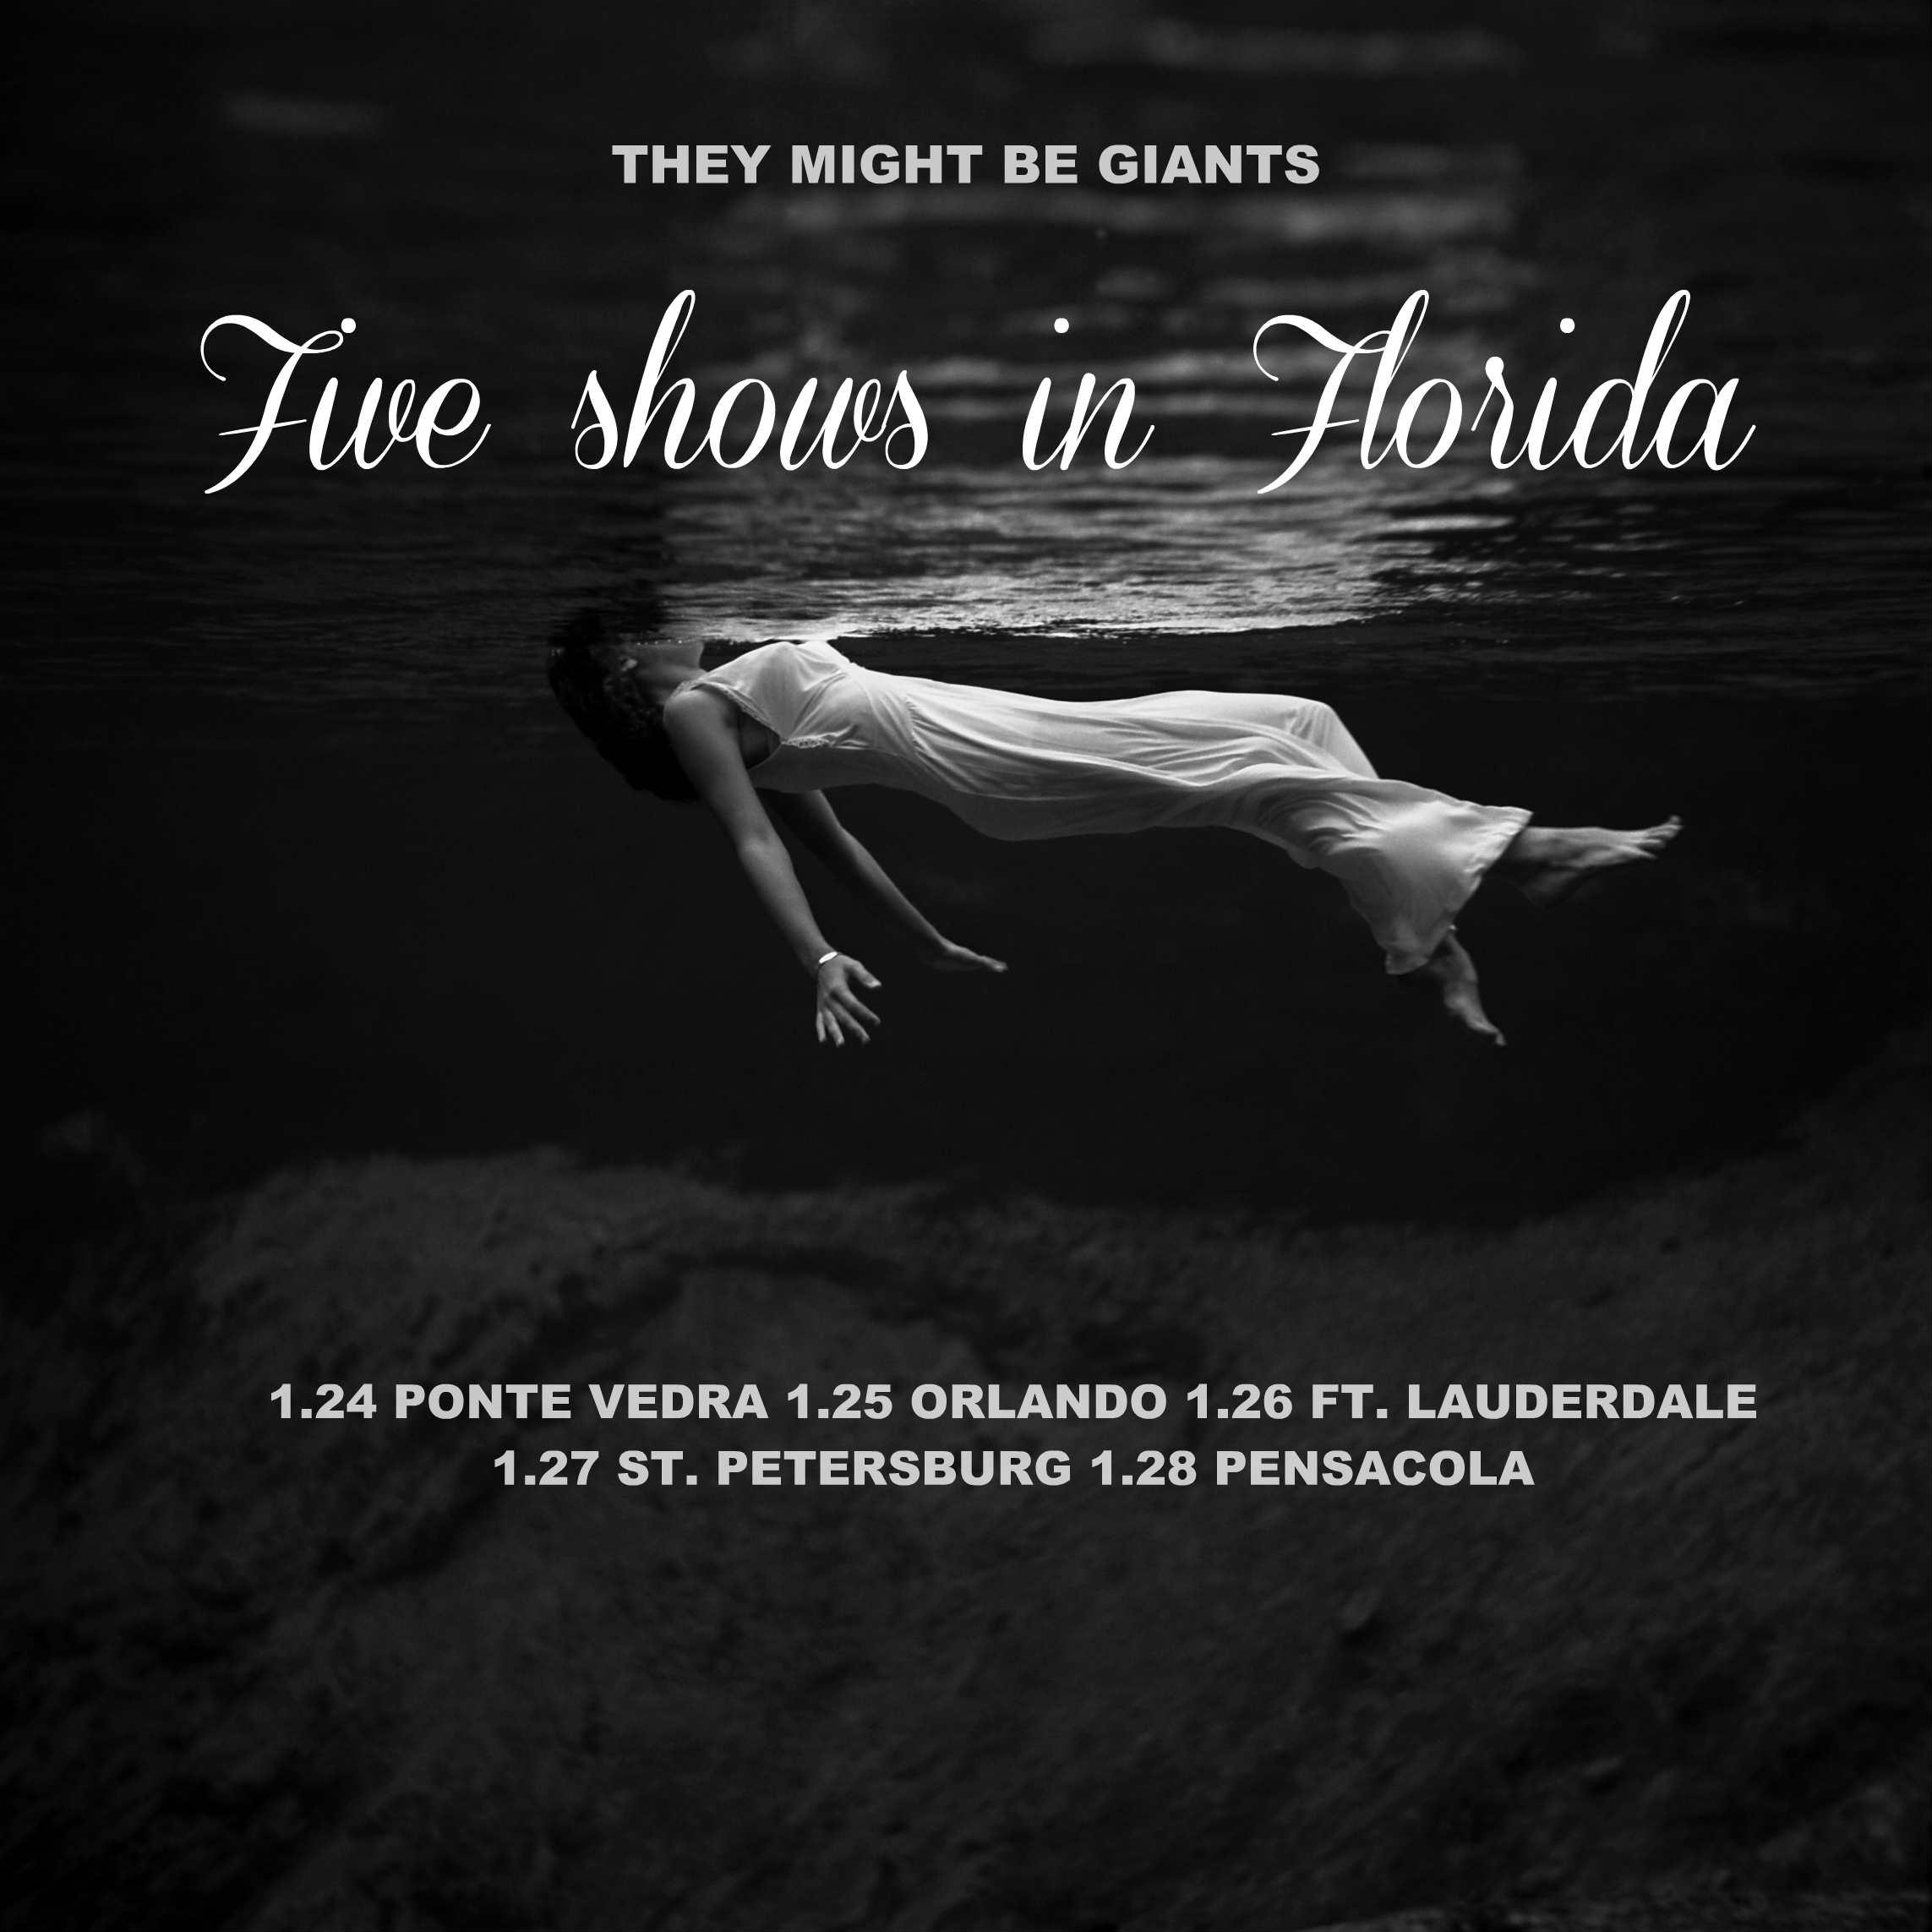 1.24 Ponte Vedra, FL http://bit.ly/tmbg0124 1.25 Orlando, FL http://bit.ly/tmbg0125 1.26 Ft. Lauderdale, FL http://bit.ly/tmbg0126 1.27 St. Petersburg, FL http://bit.ly/tmbg0127 1.28 Pensacola, FL http://bit.ly/tmbg0128